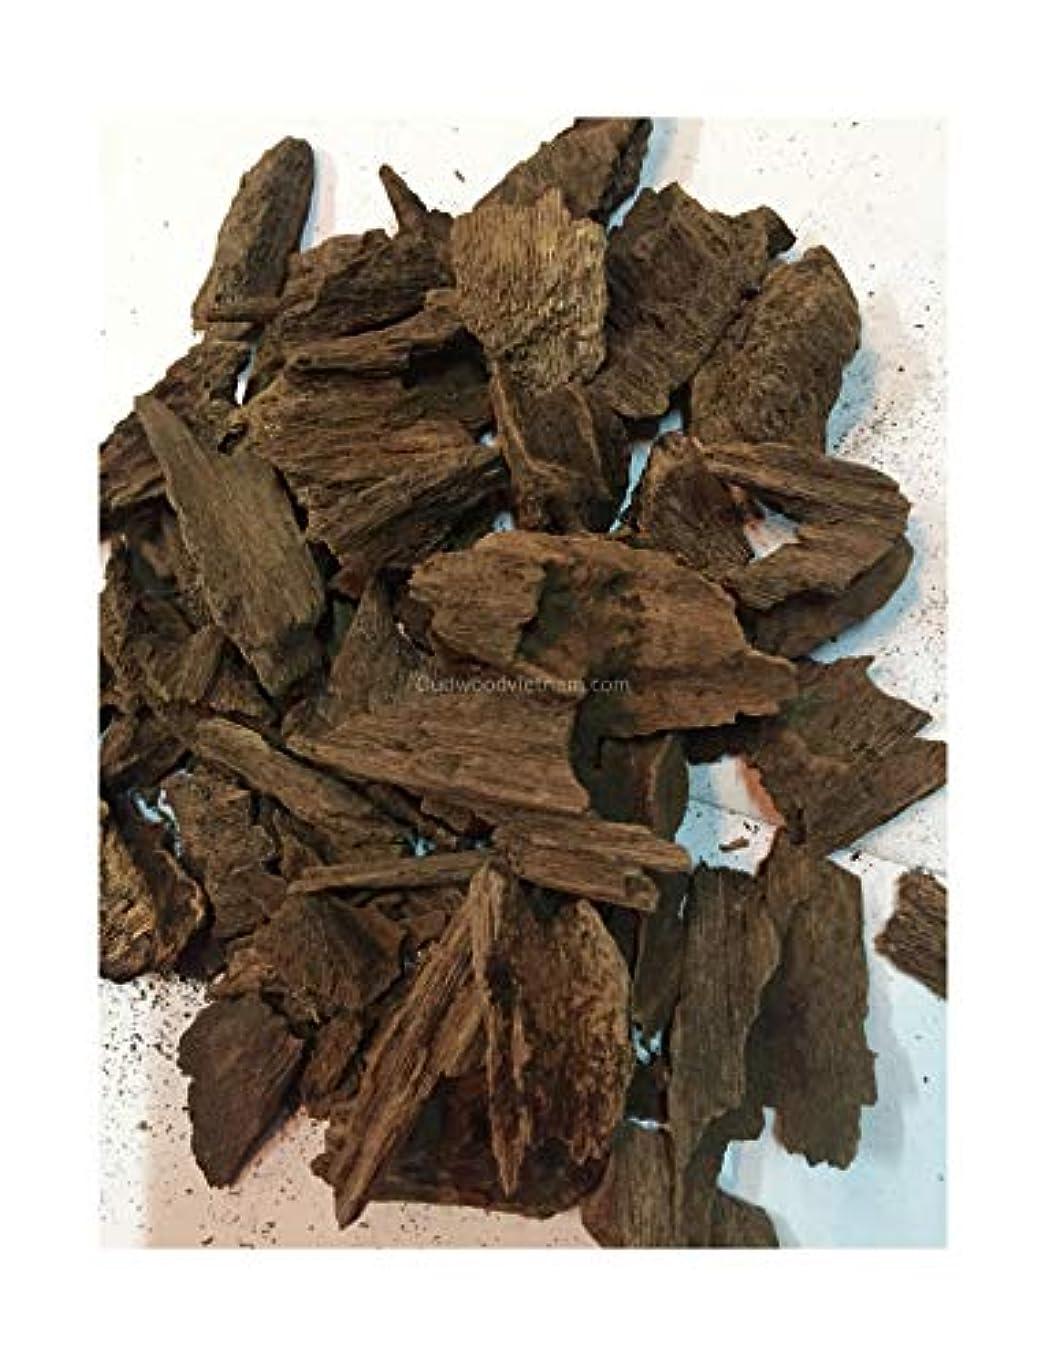 どれひどく制限されたオウドチップス オードチップ インセンス アロマ ナチュラル ワイルド レア アガーウッド チップ オードウッド ベトナム 純素材 グレードA++ 10 Grams ブラック